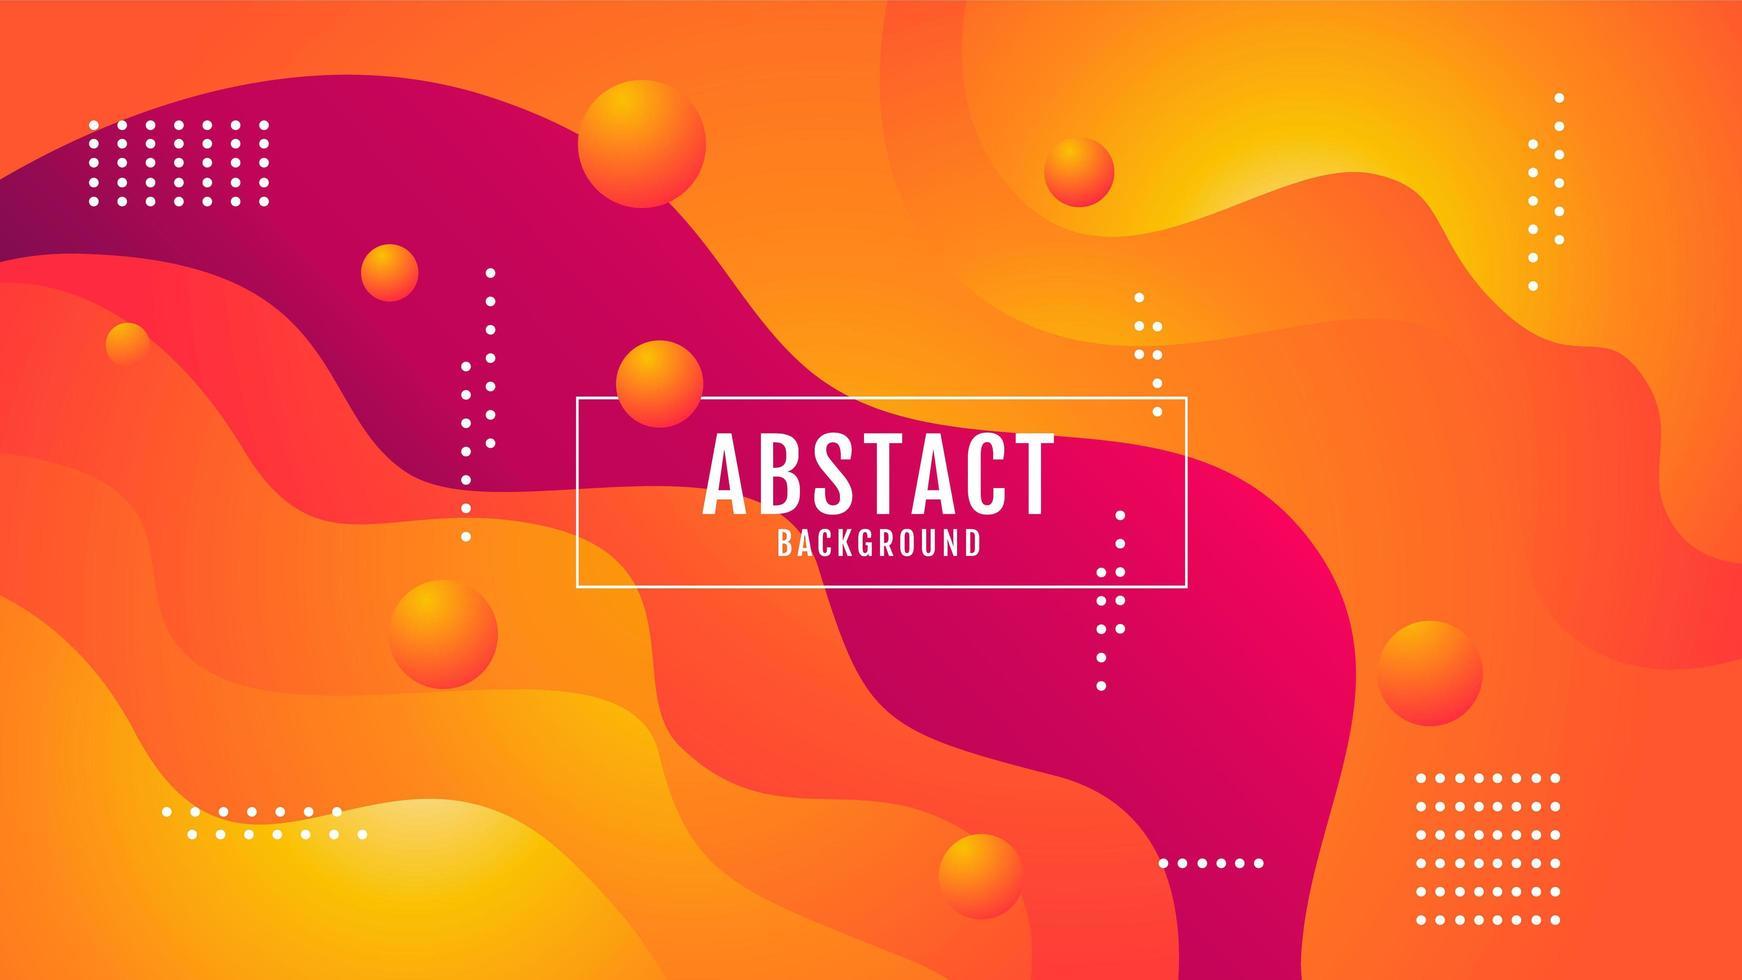 abstrakter gewellter Entwurf des orangefarbenen Farbverlaufs vektor